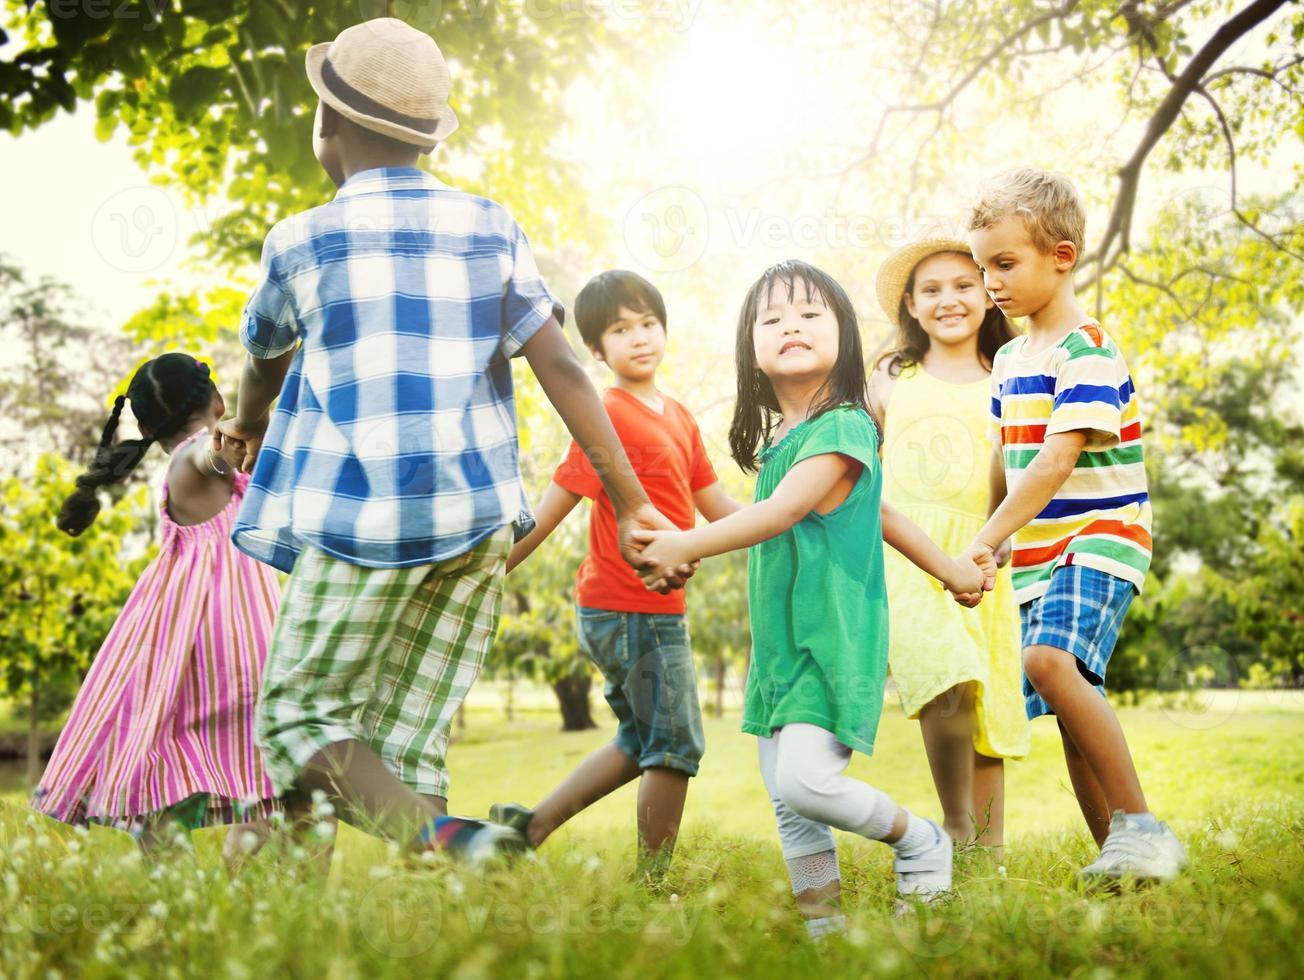 barn vänskap samhörighet spel lycka koncept foto